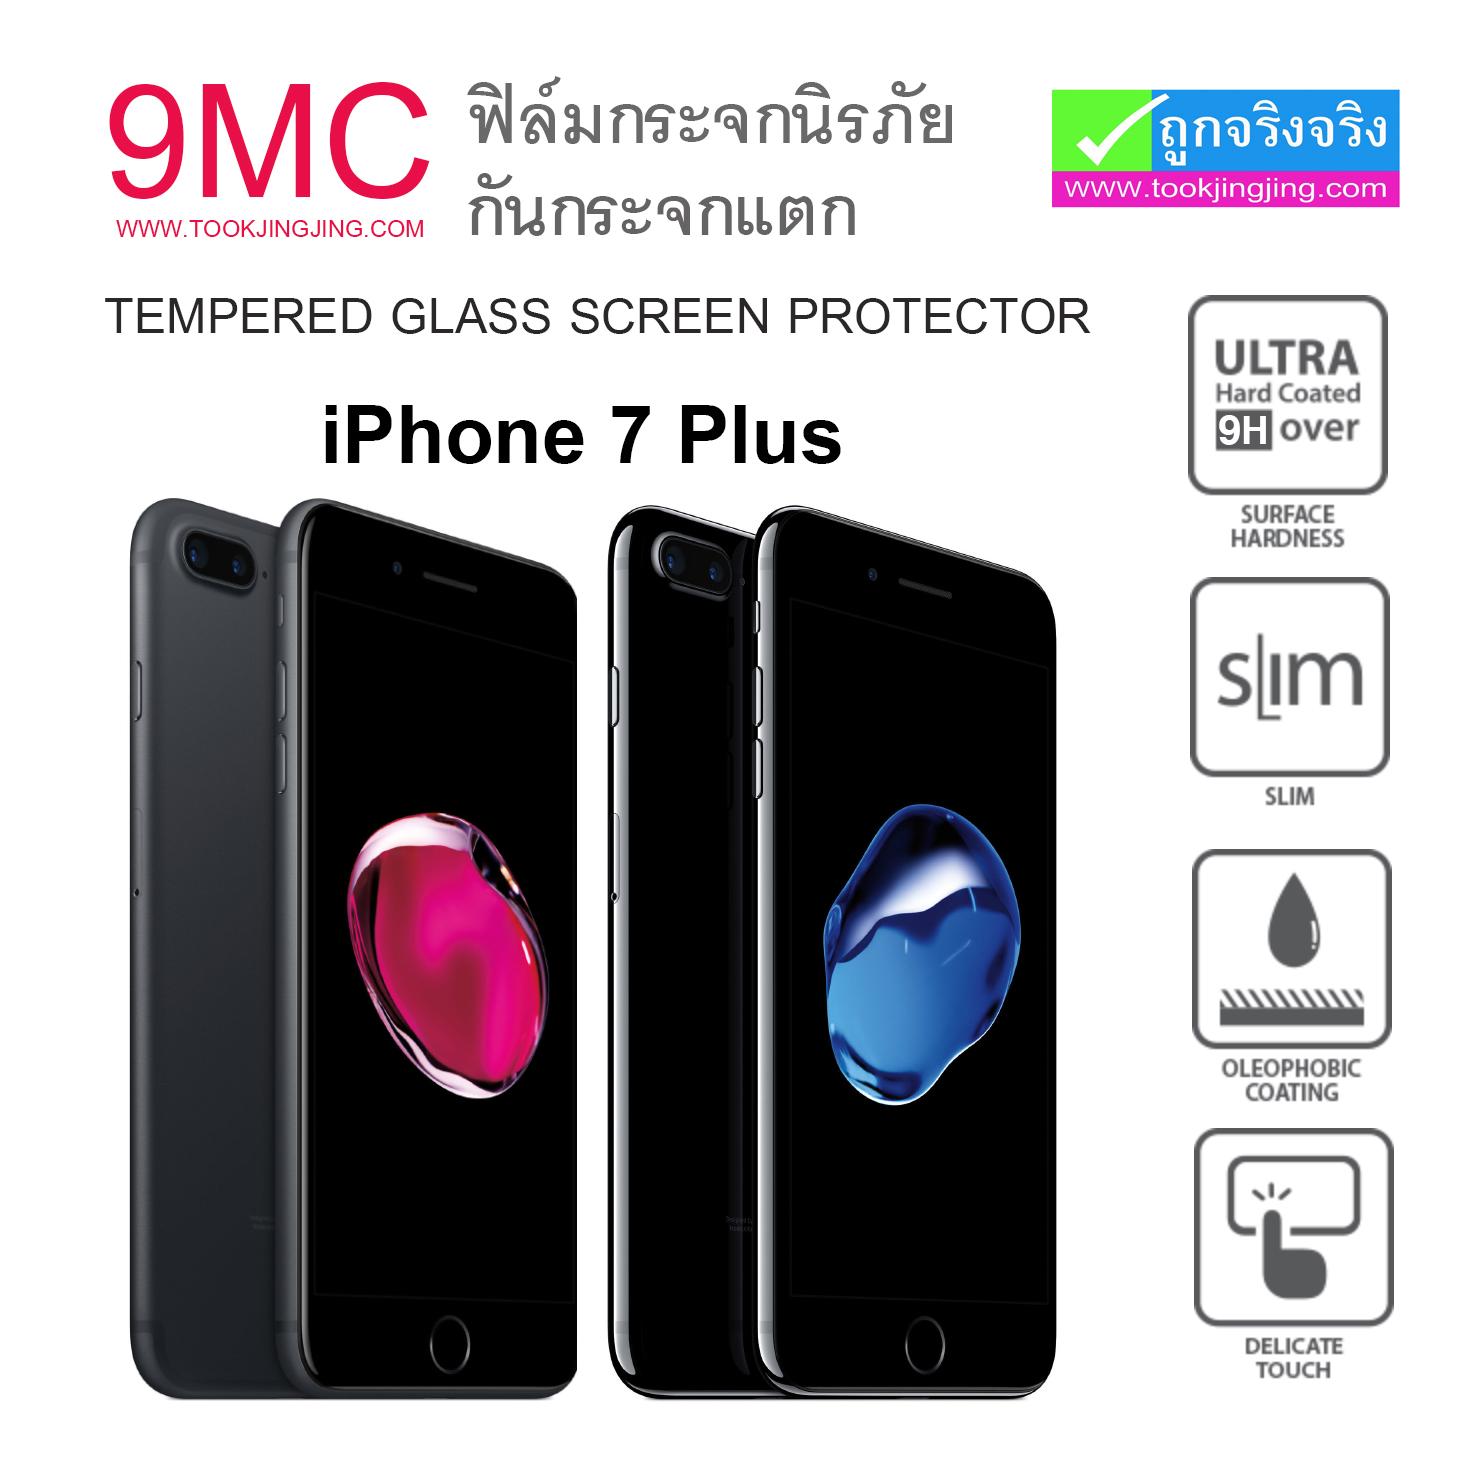 ฟิล์มกระจก iPhone 7 Plus 9MC